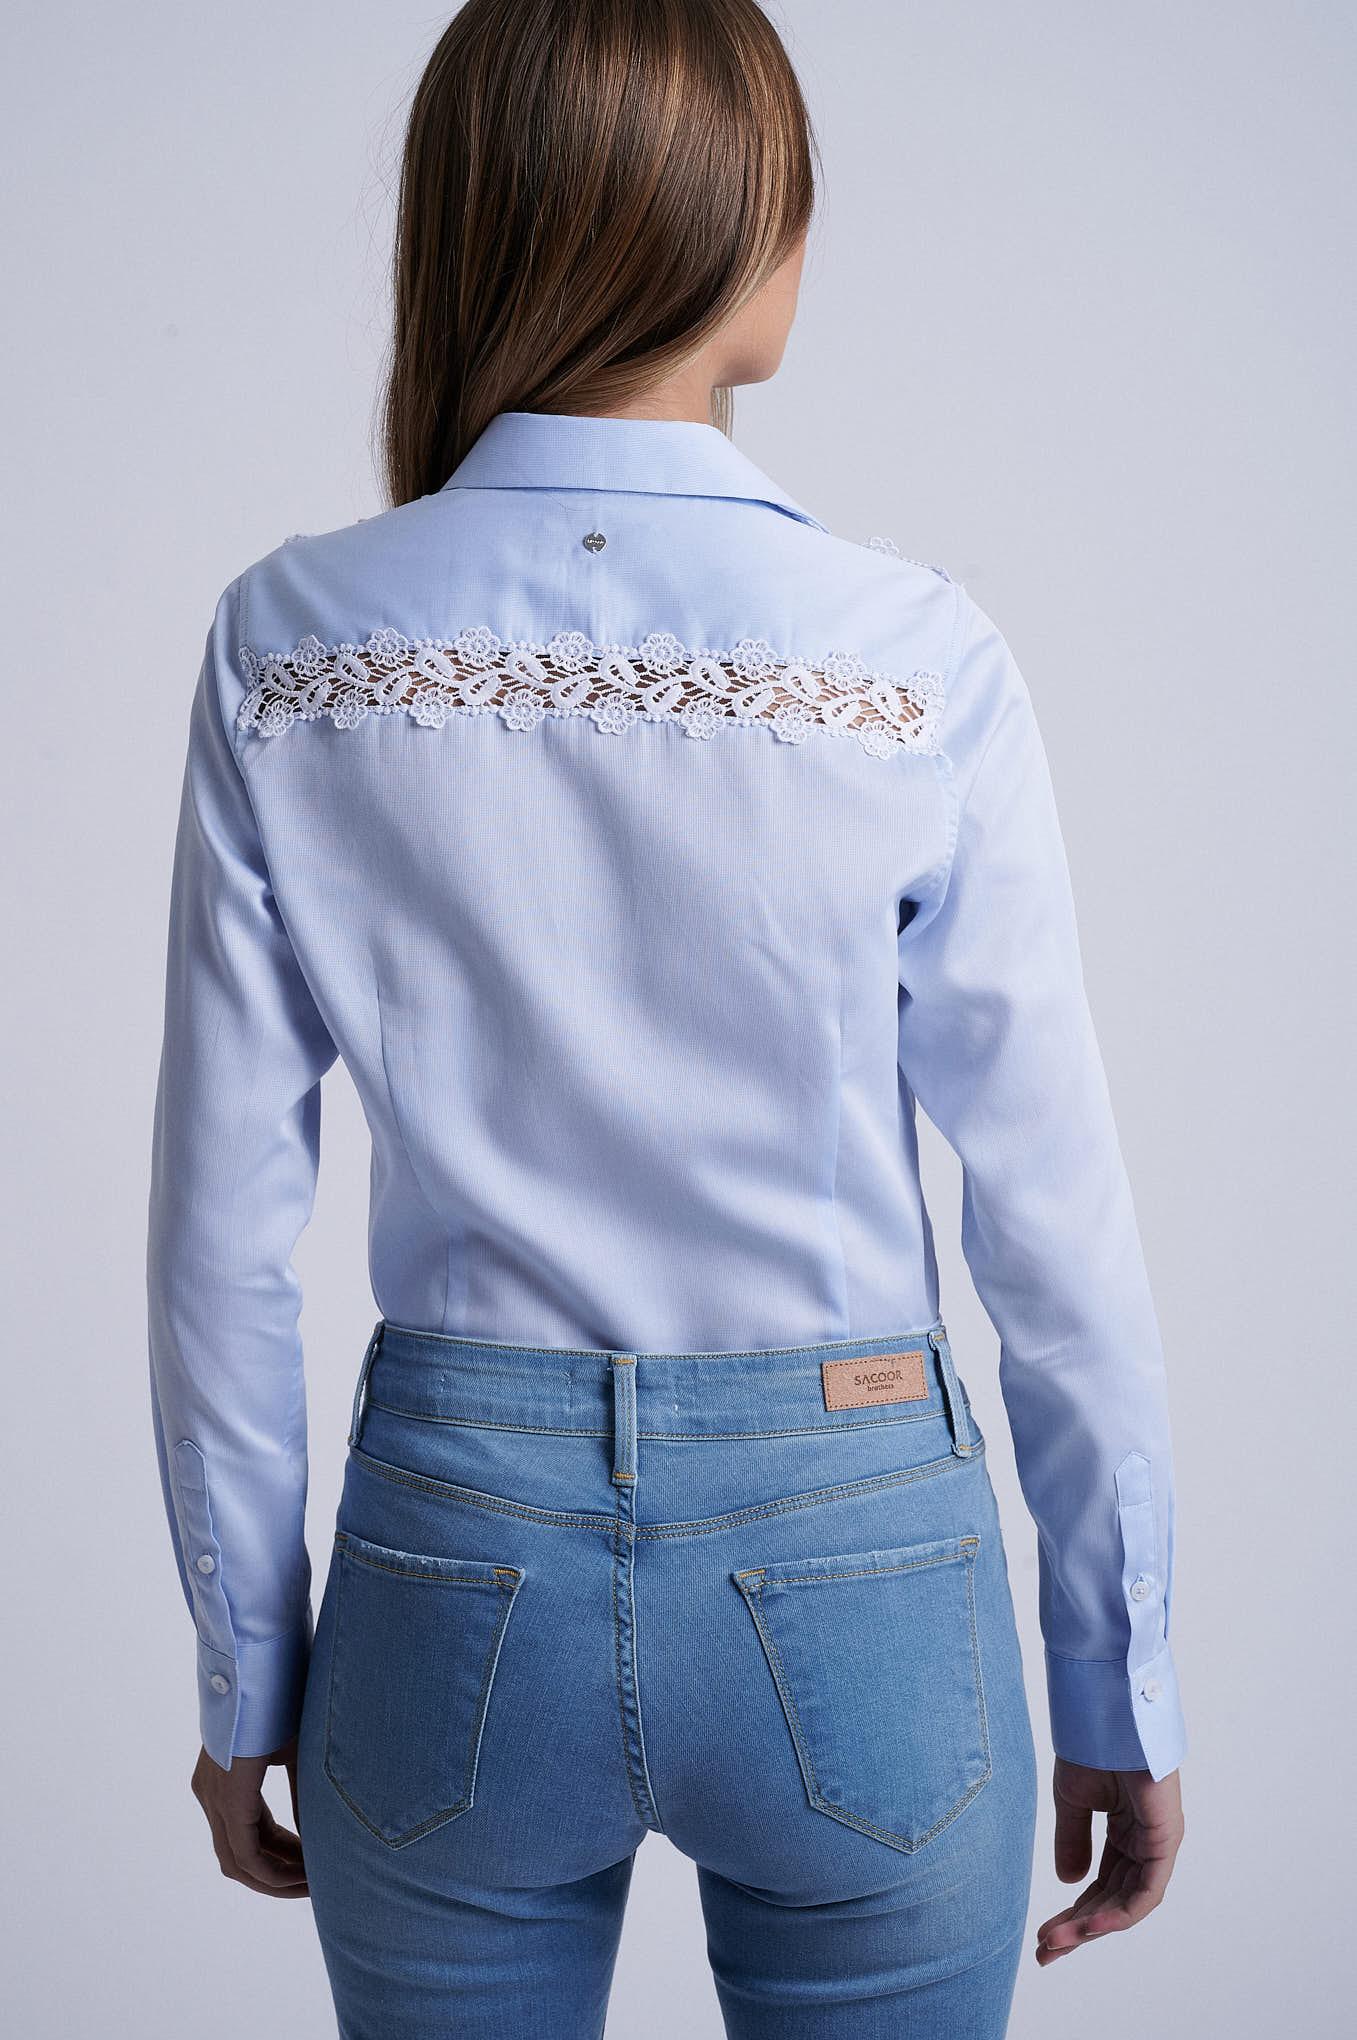 Shirt Light Blue Formal Woman